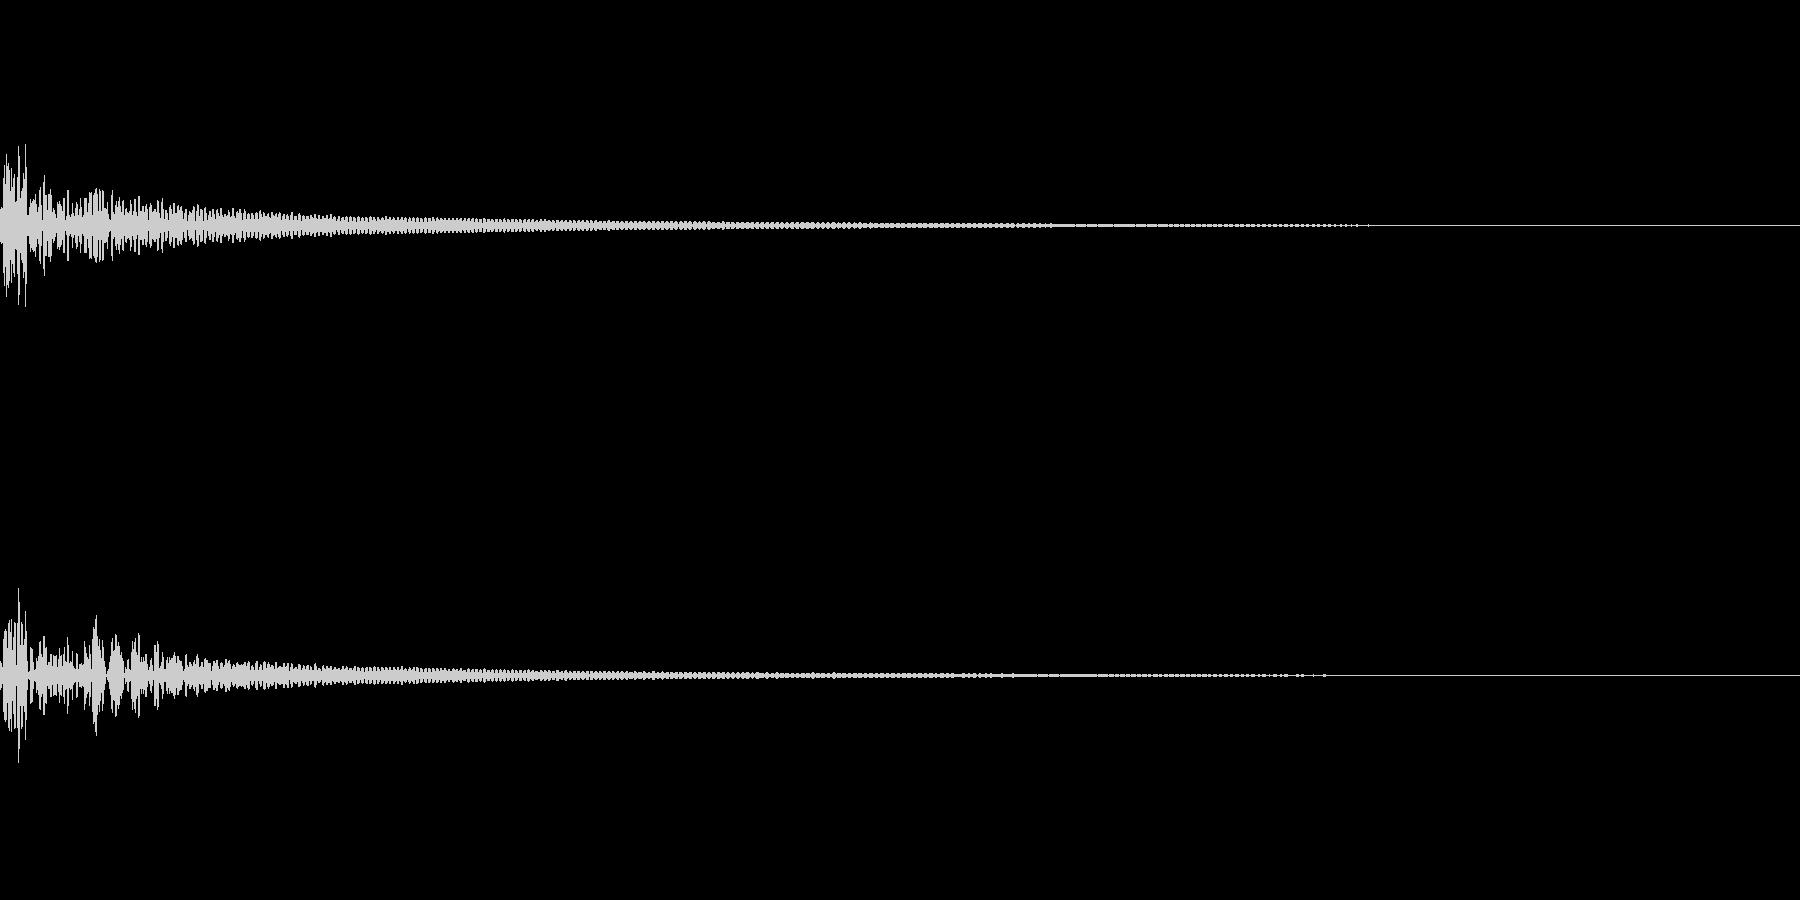 キャンセル 和風06の未再生の波形